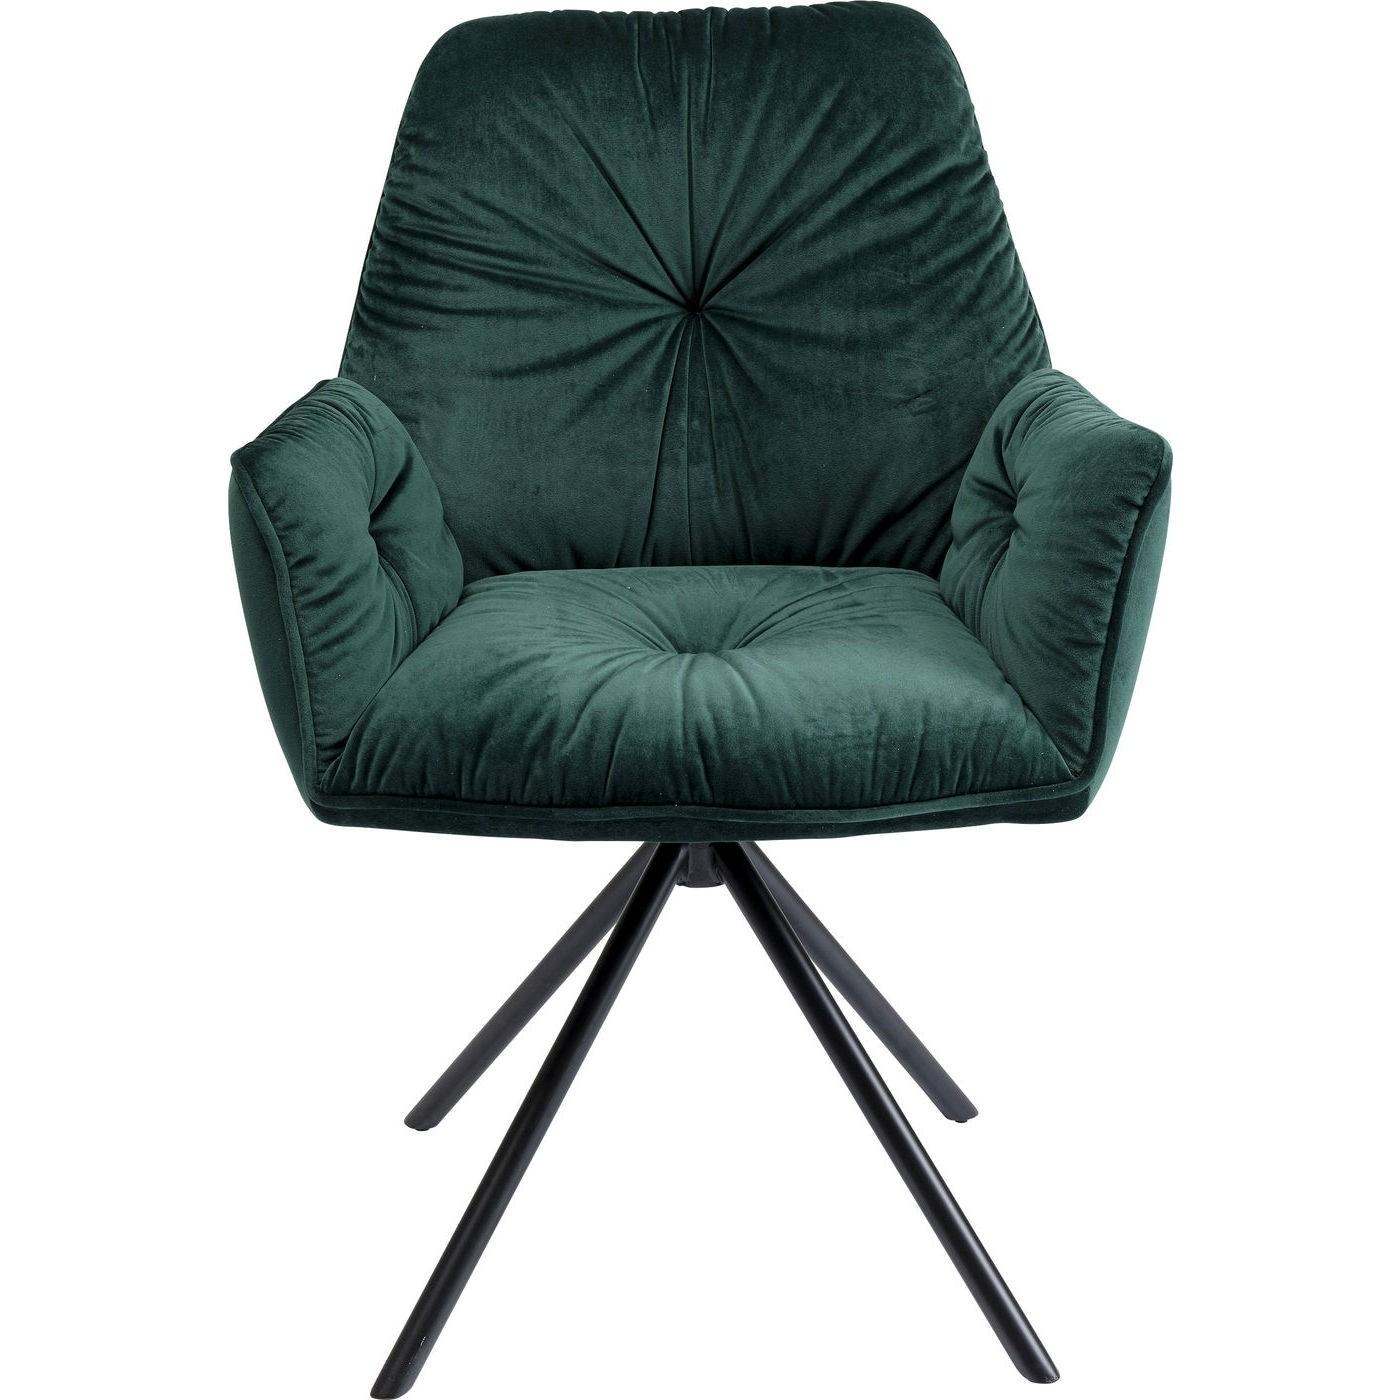 KARE DESIGN Mila spisebordsstol - grøn polyester og stål, m. armlæn